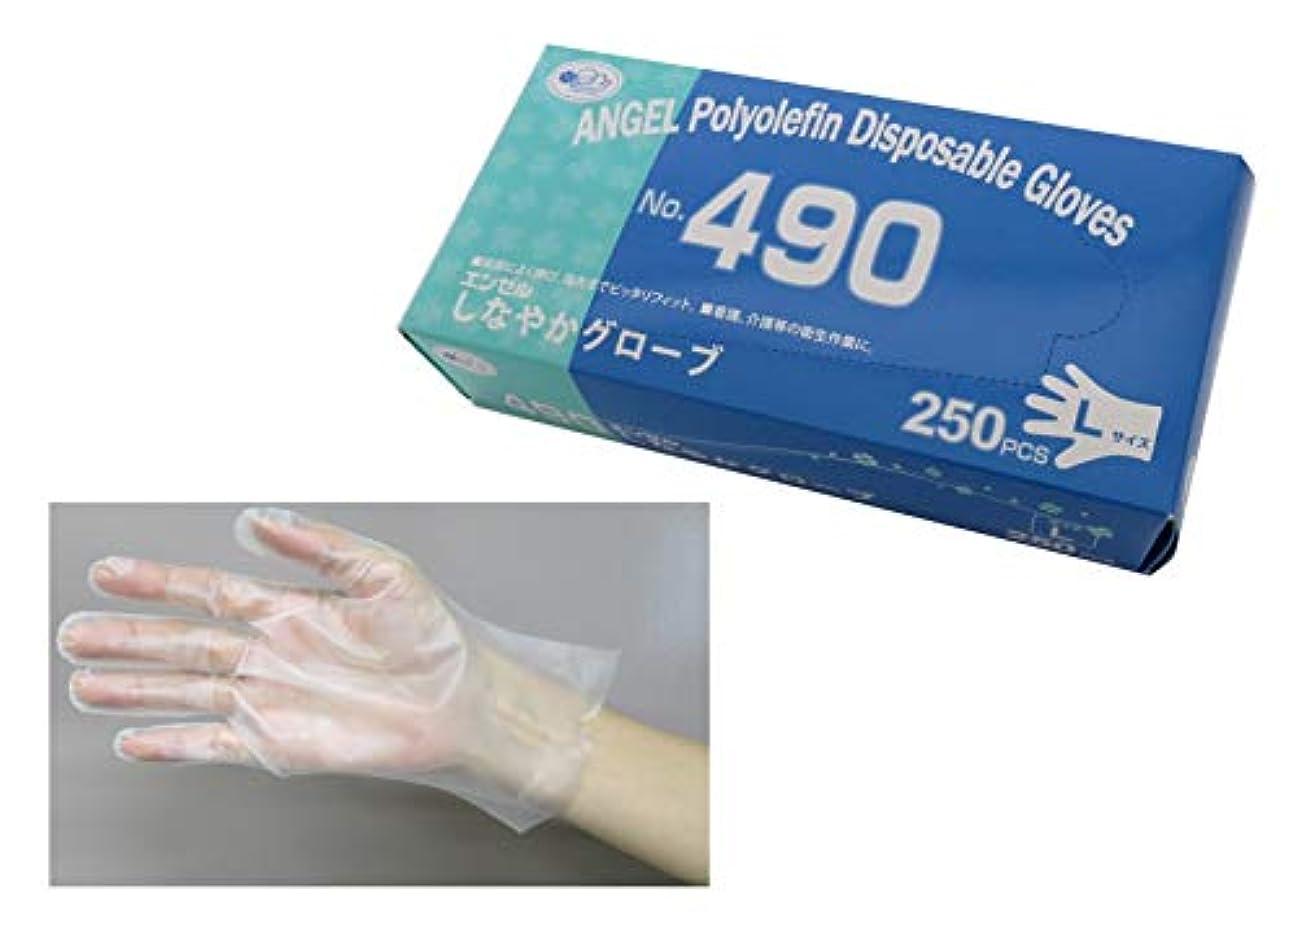 サンフラワー No.490 TPE(熱可塑性エラストマー) しなやかグローブ 250枚入り (L)